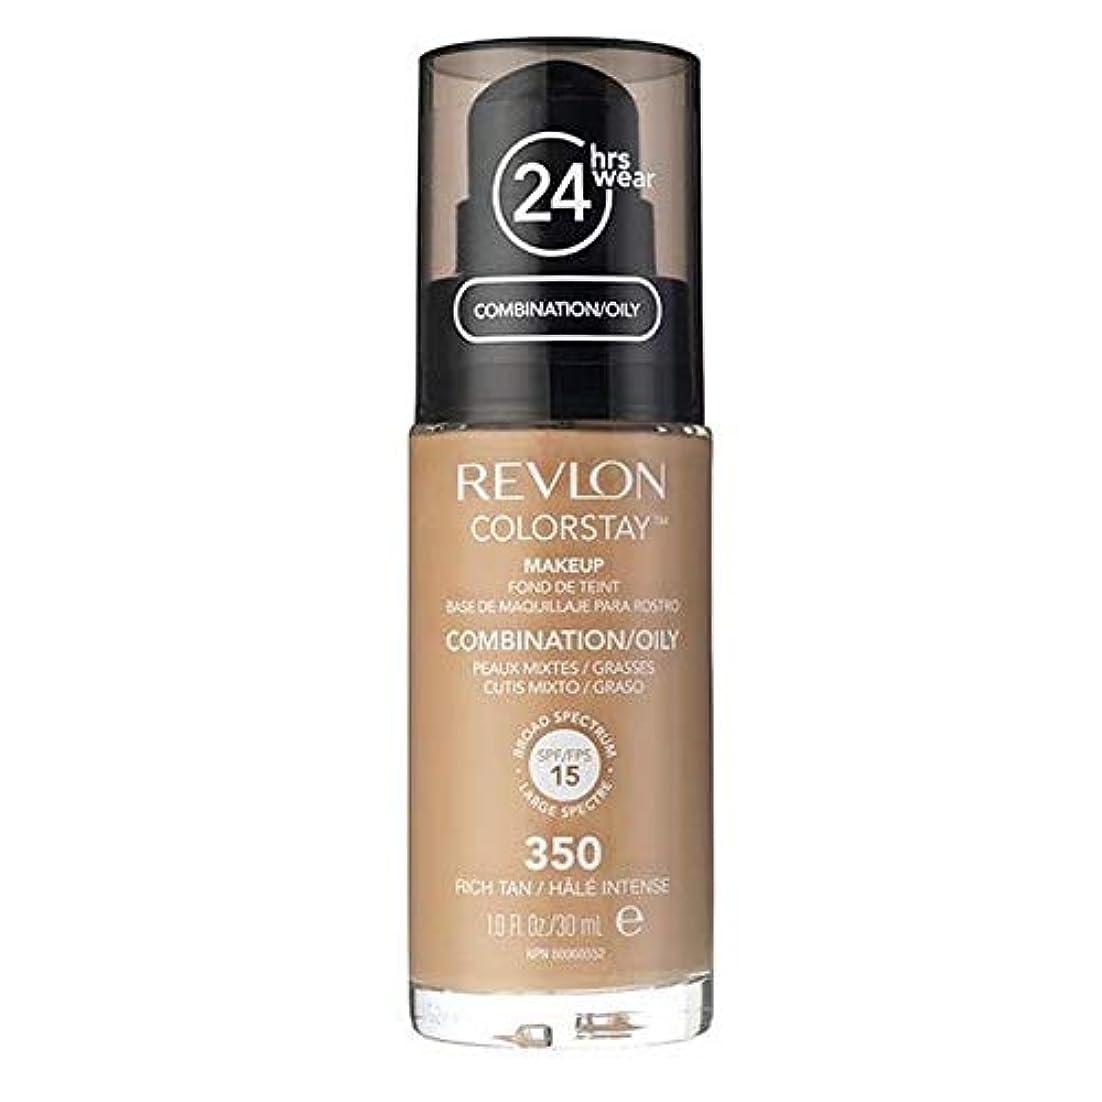 出身地ブラジャー生理[Revlon ] レブロンカラーステイ基盤コンビ/油性豊かな日焼け30ミリリットル - Revlon Color Stay Foundation Combi/Oily Rich Tan 30ml [並行輸入品]